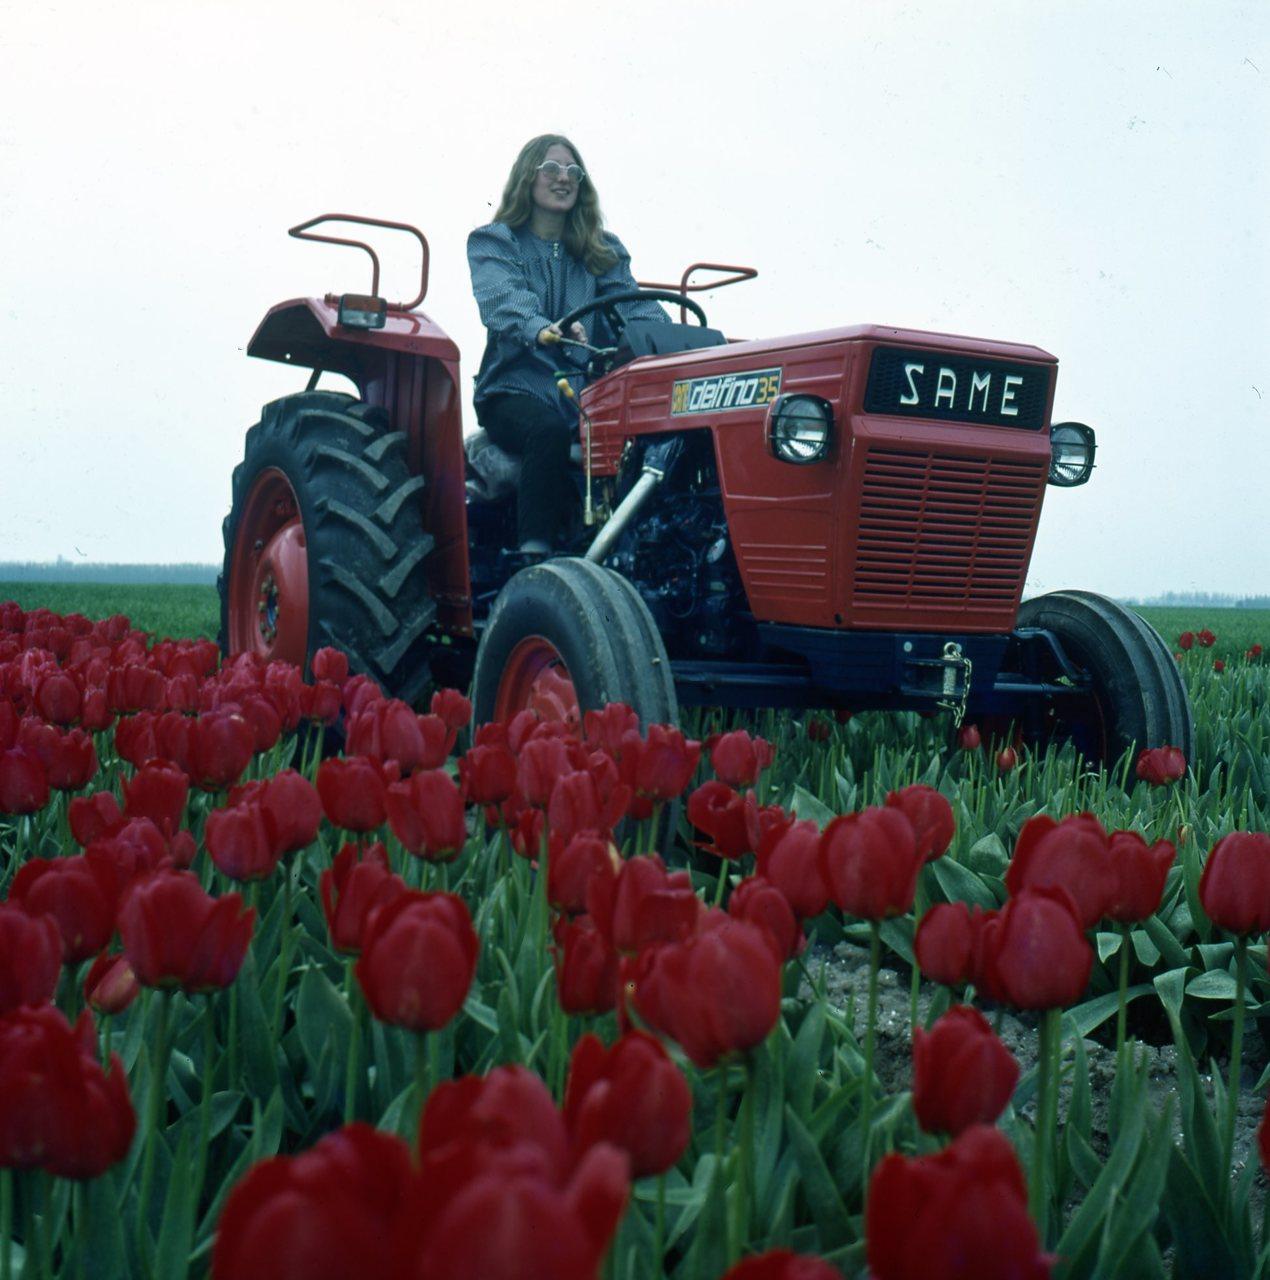 [SAME] trattori Same in Olanda con tulipani